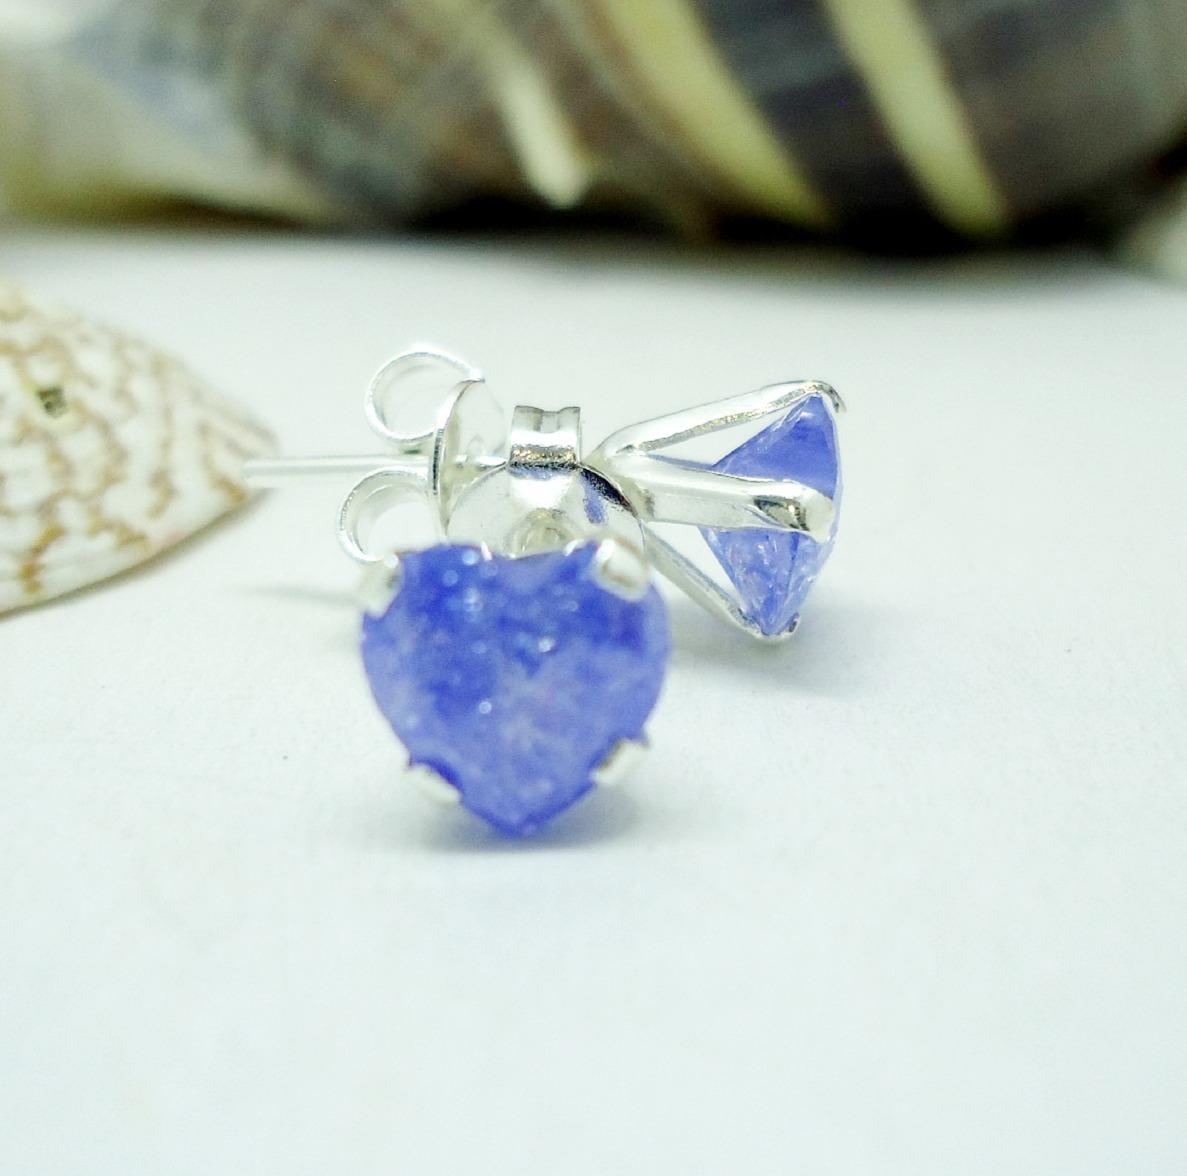 4cdf1606fbbd aretes corazón cristal azul con destellos azul plata ley 925. Cargando zoom.